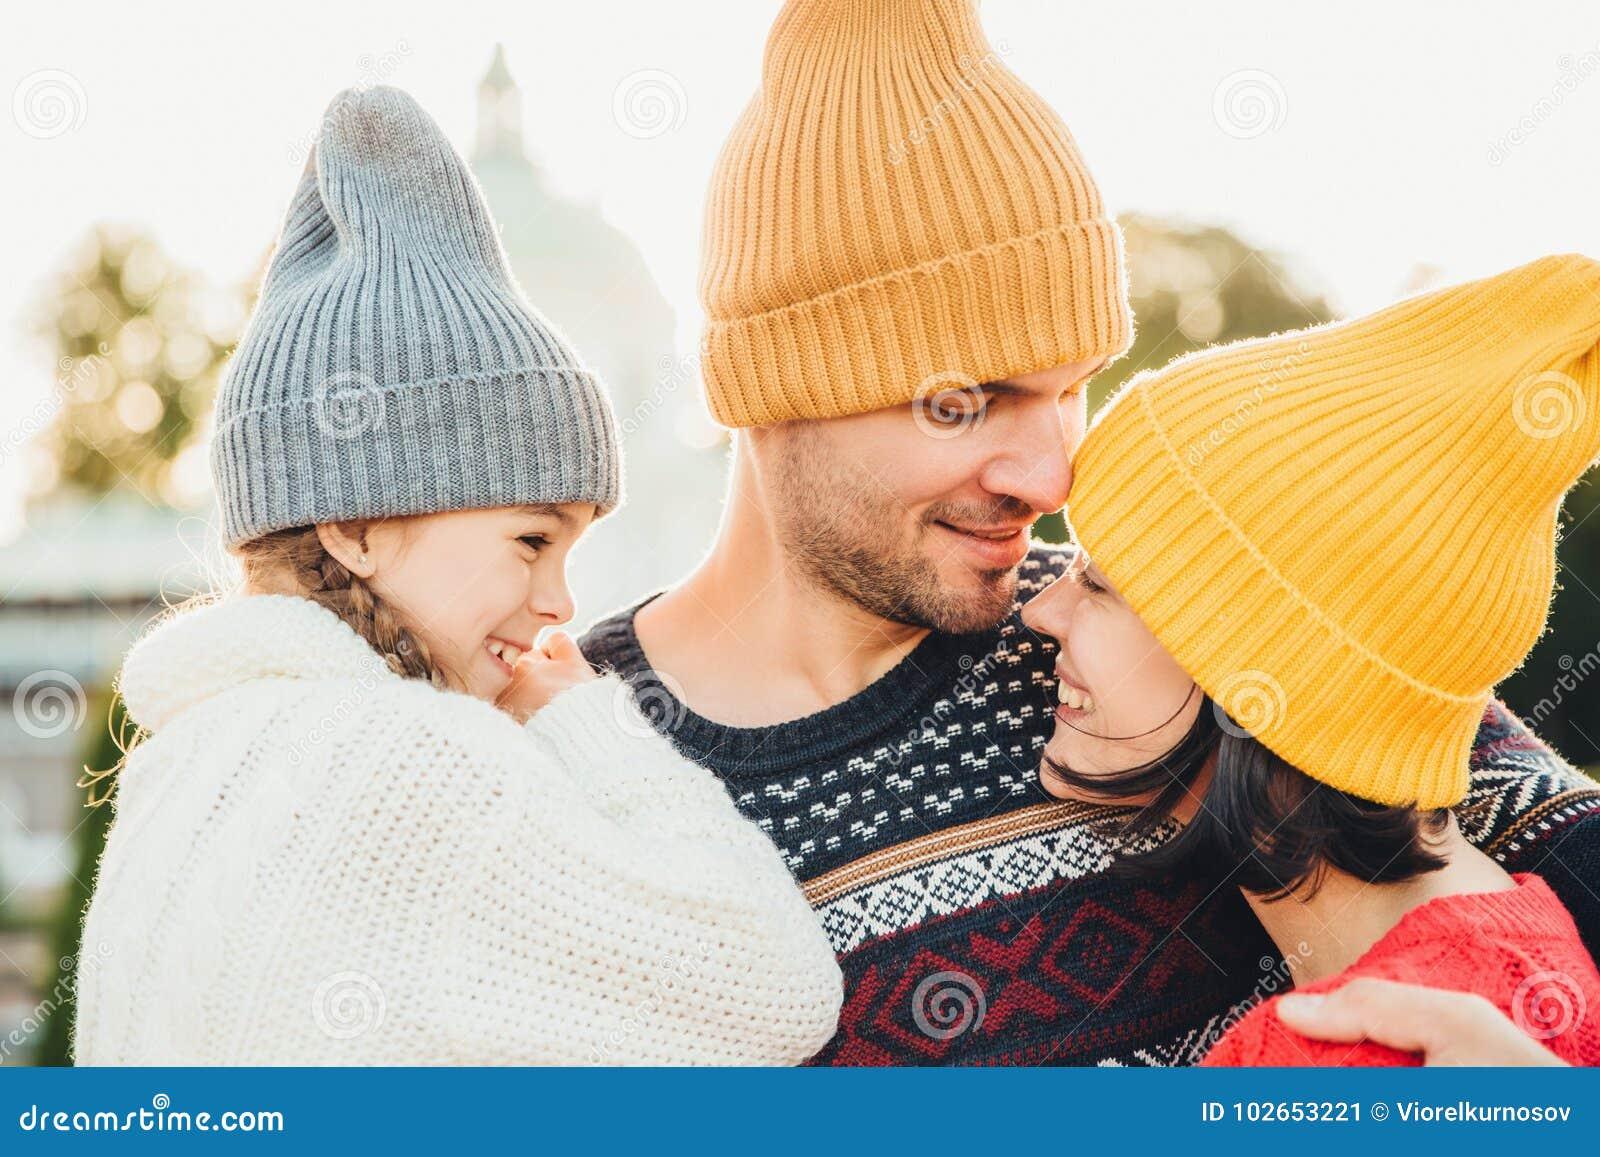 Η στάση τριών οικογενειακών μελών η μια κοντά στην άλλη, κοιτάζει με το σύνολο ματιών της αγάπης και η ευτυχία, απολαμβάνει τις ε